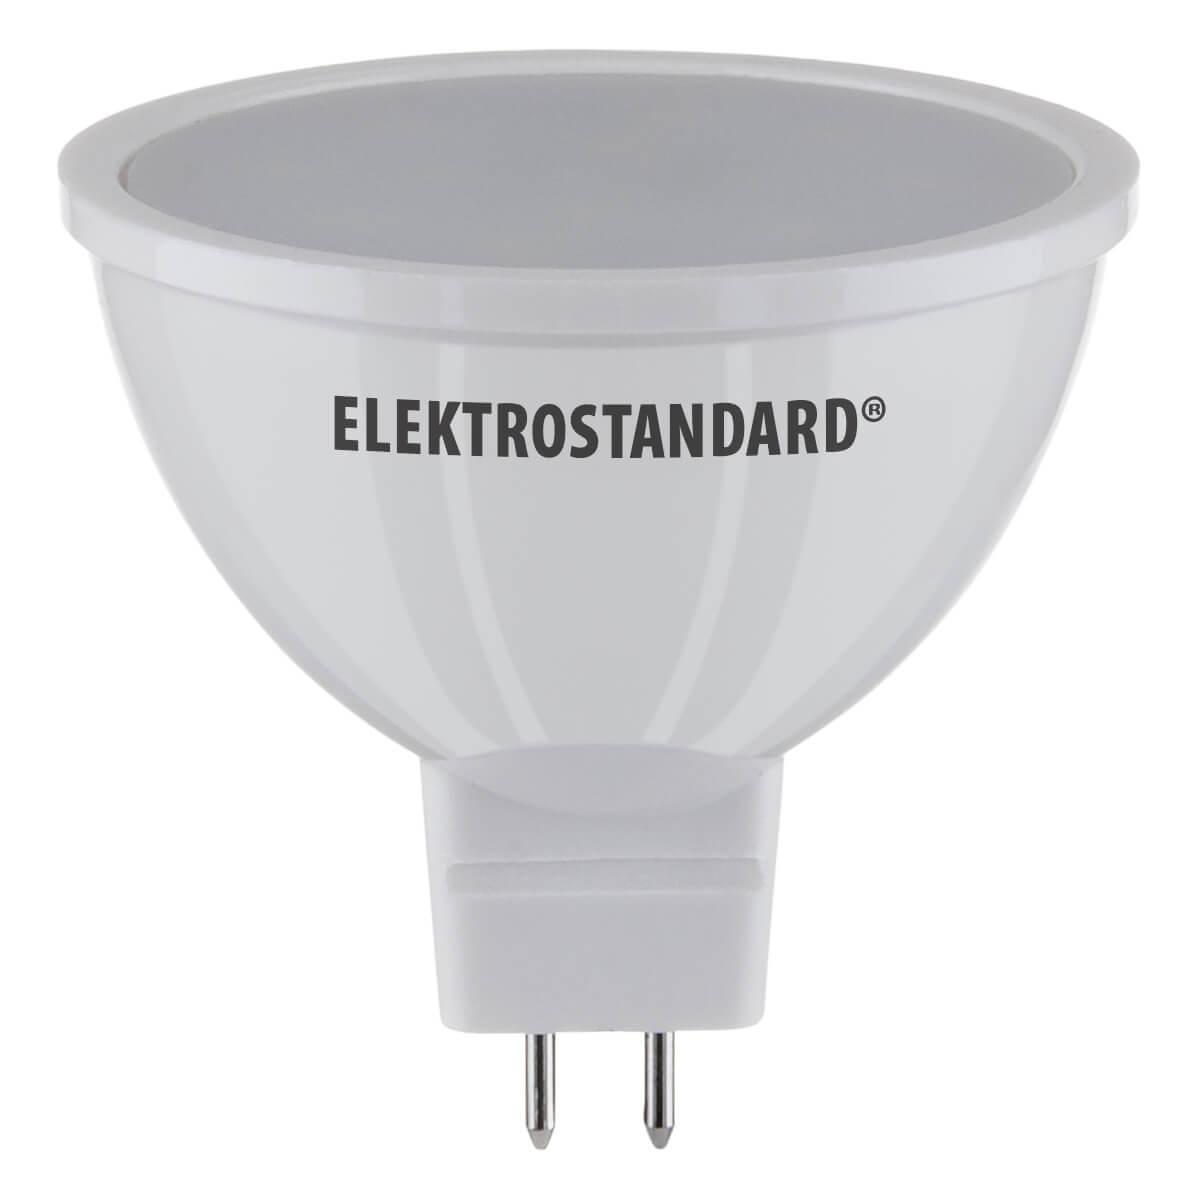 Лампочка Elektrostandard 4690389068393 BLG5305